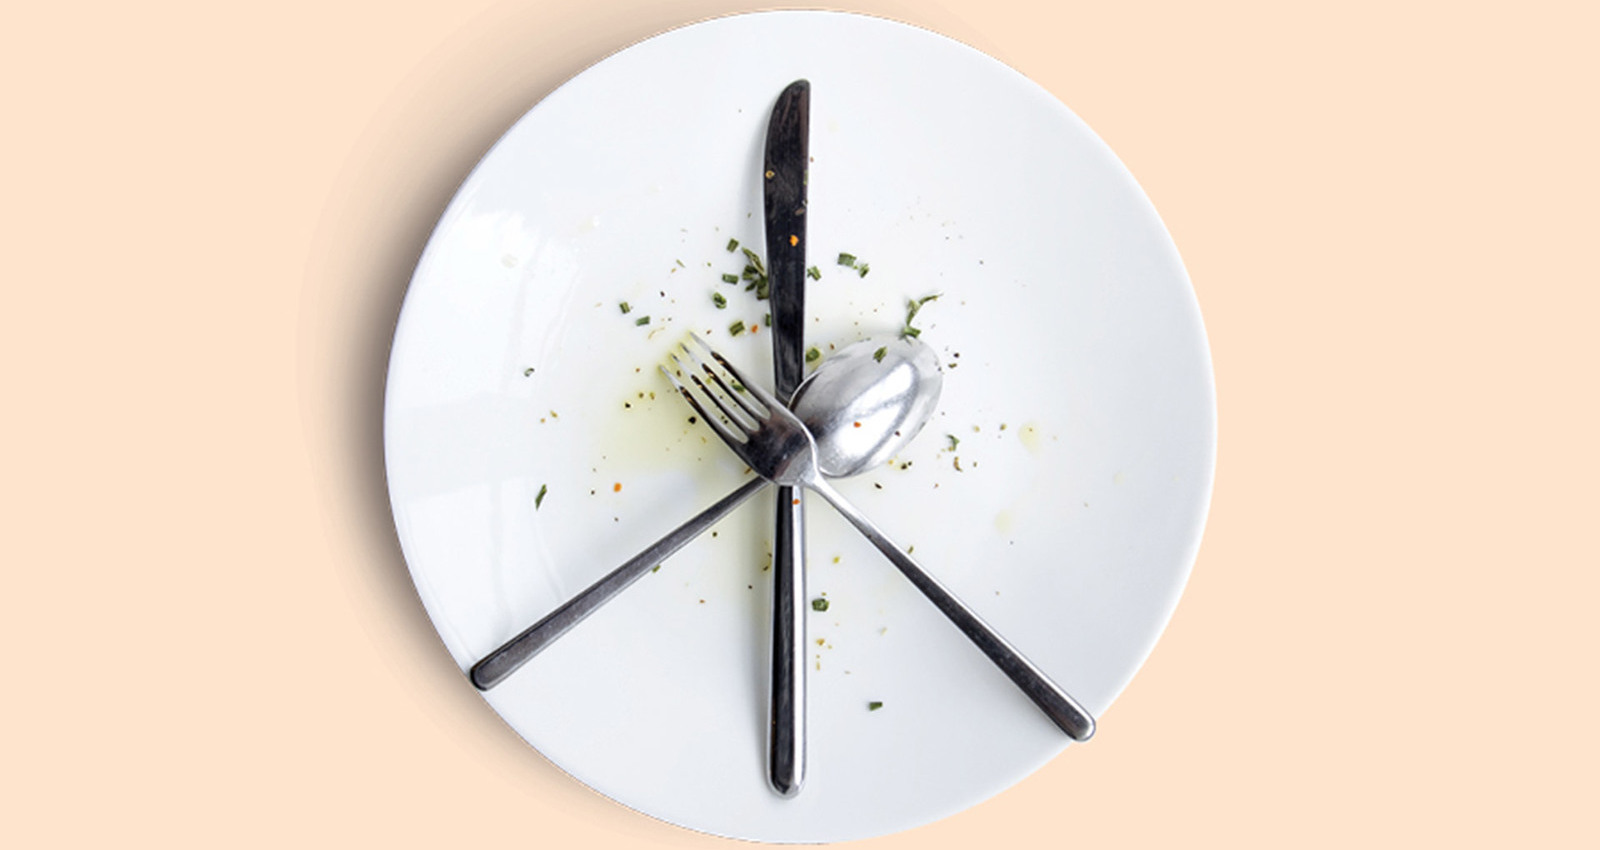 #DiningForBrussels